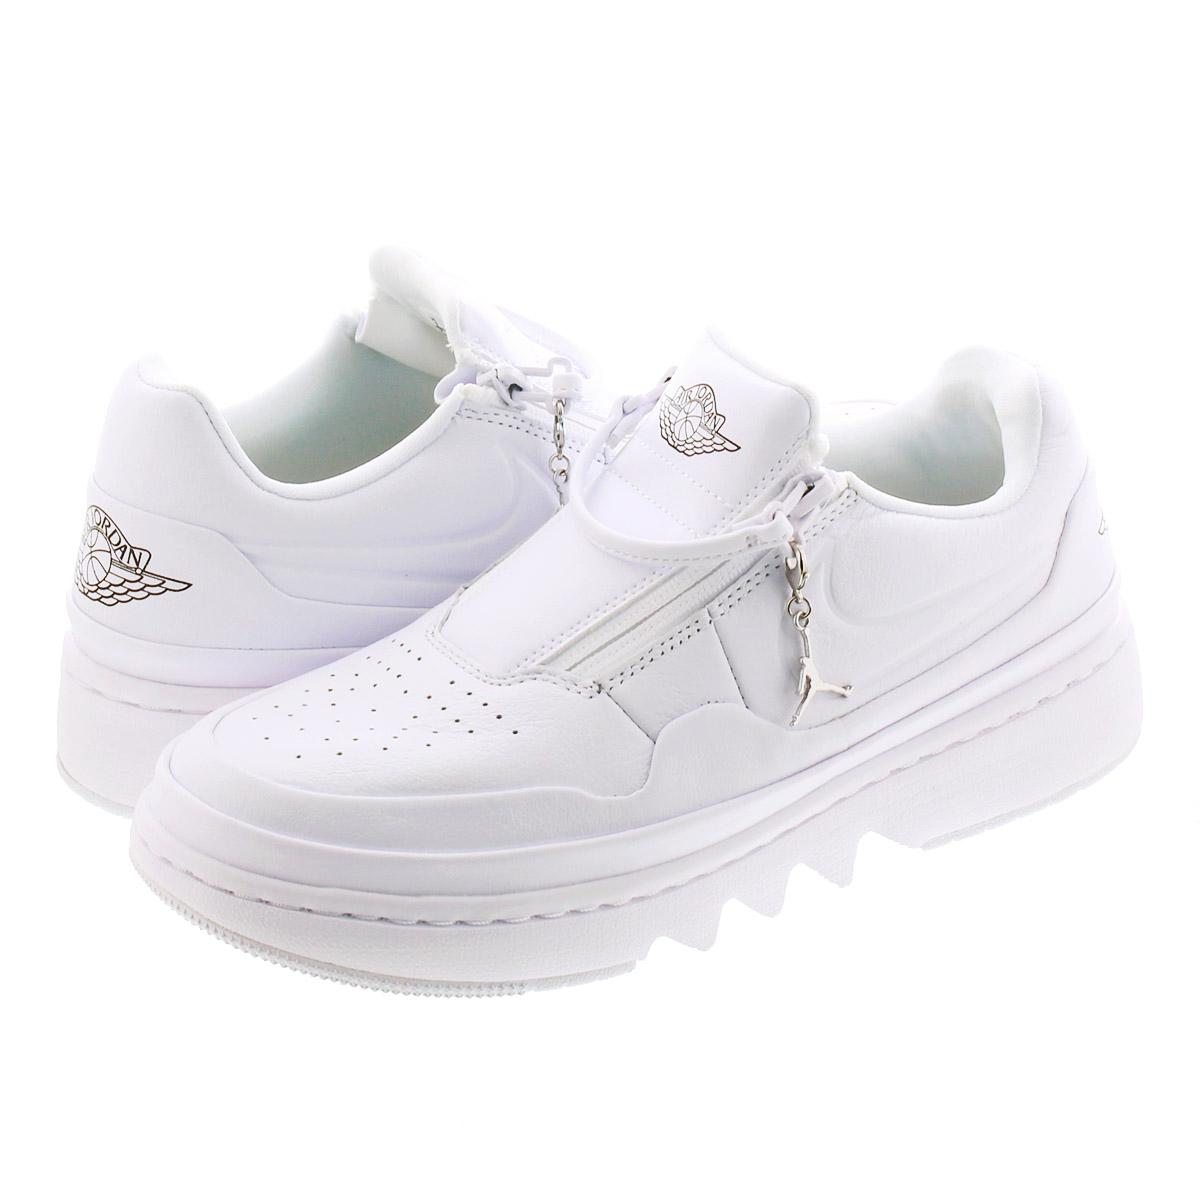 hot sale online 42405 fcb4a NIKE WMNS AIR JORDAN 1 JESTER XX LOW Nike women Air Jordan 1 Jester XX low  WHITE/BLACK/WHITE av4050-100